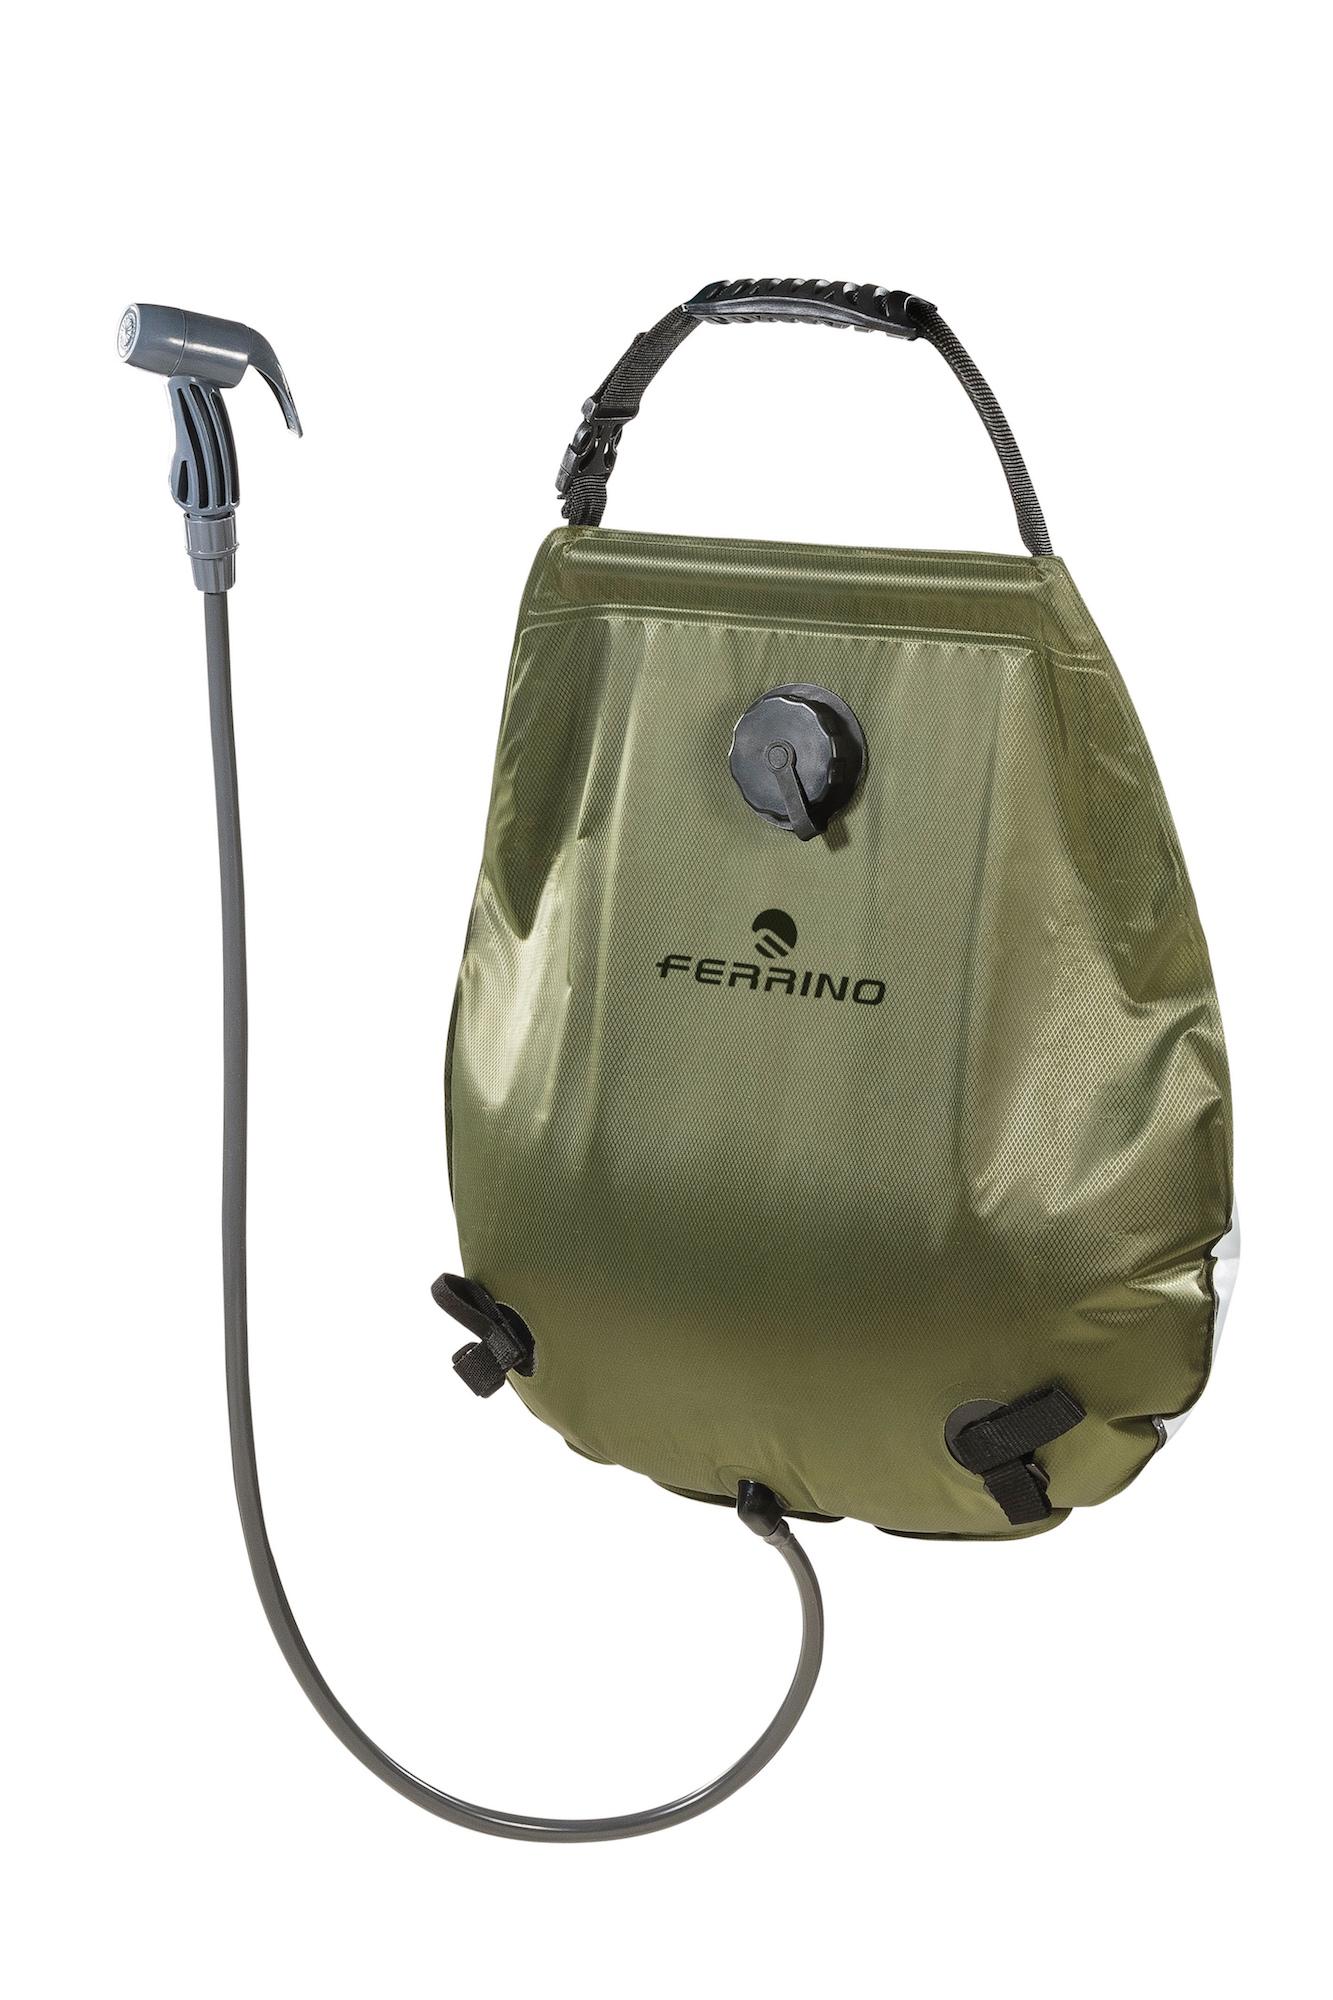 Ferrino Sunshower Deluxe - 20 L - Douche solaire